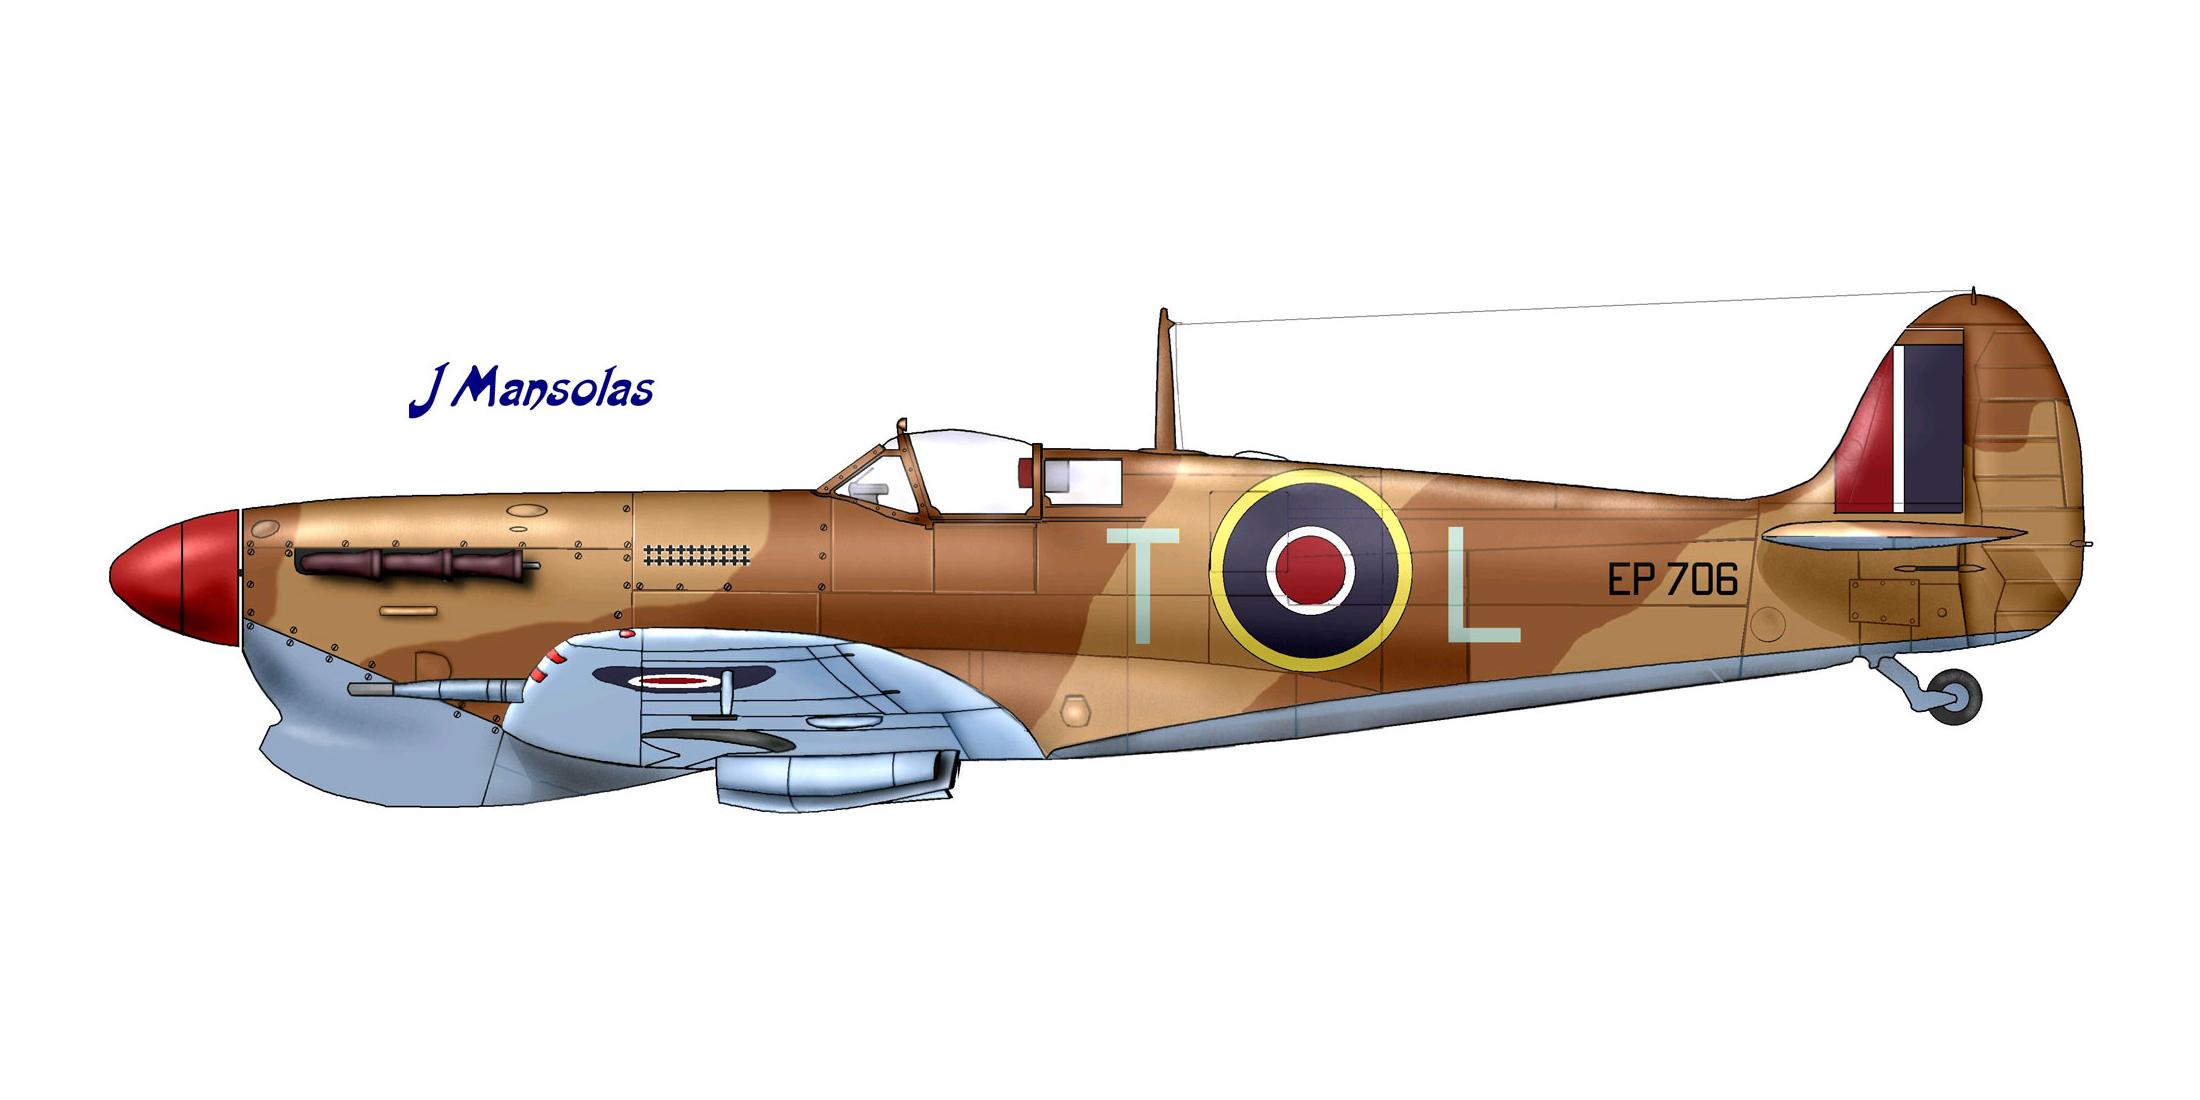 Spitfire MkVbTrop RAF 249Sqn TL George Beurlin EP706 Ta Qali Malta 1942 0A